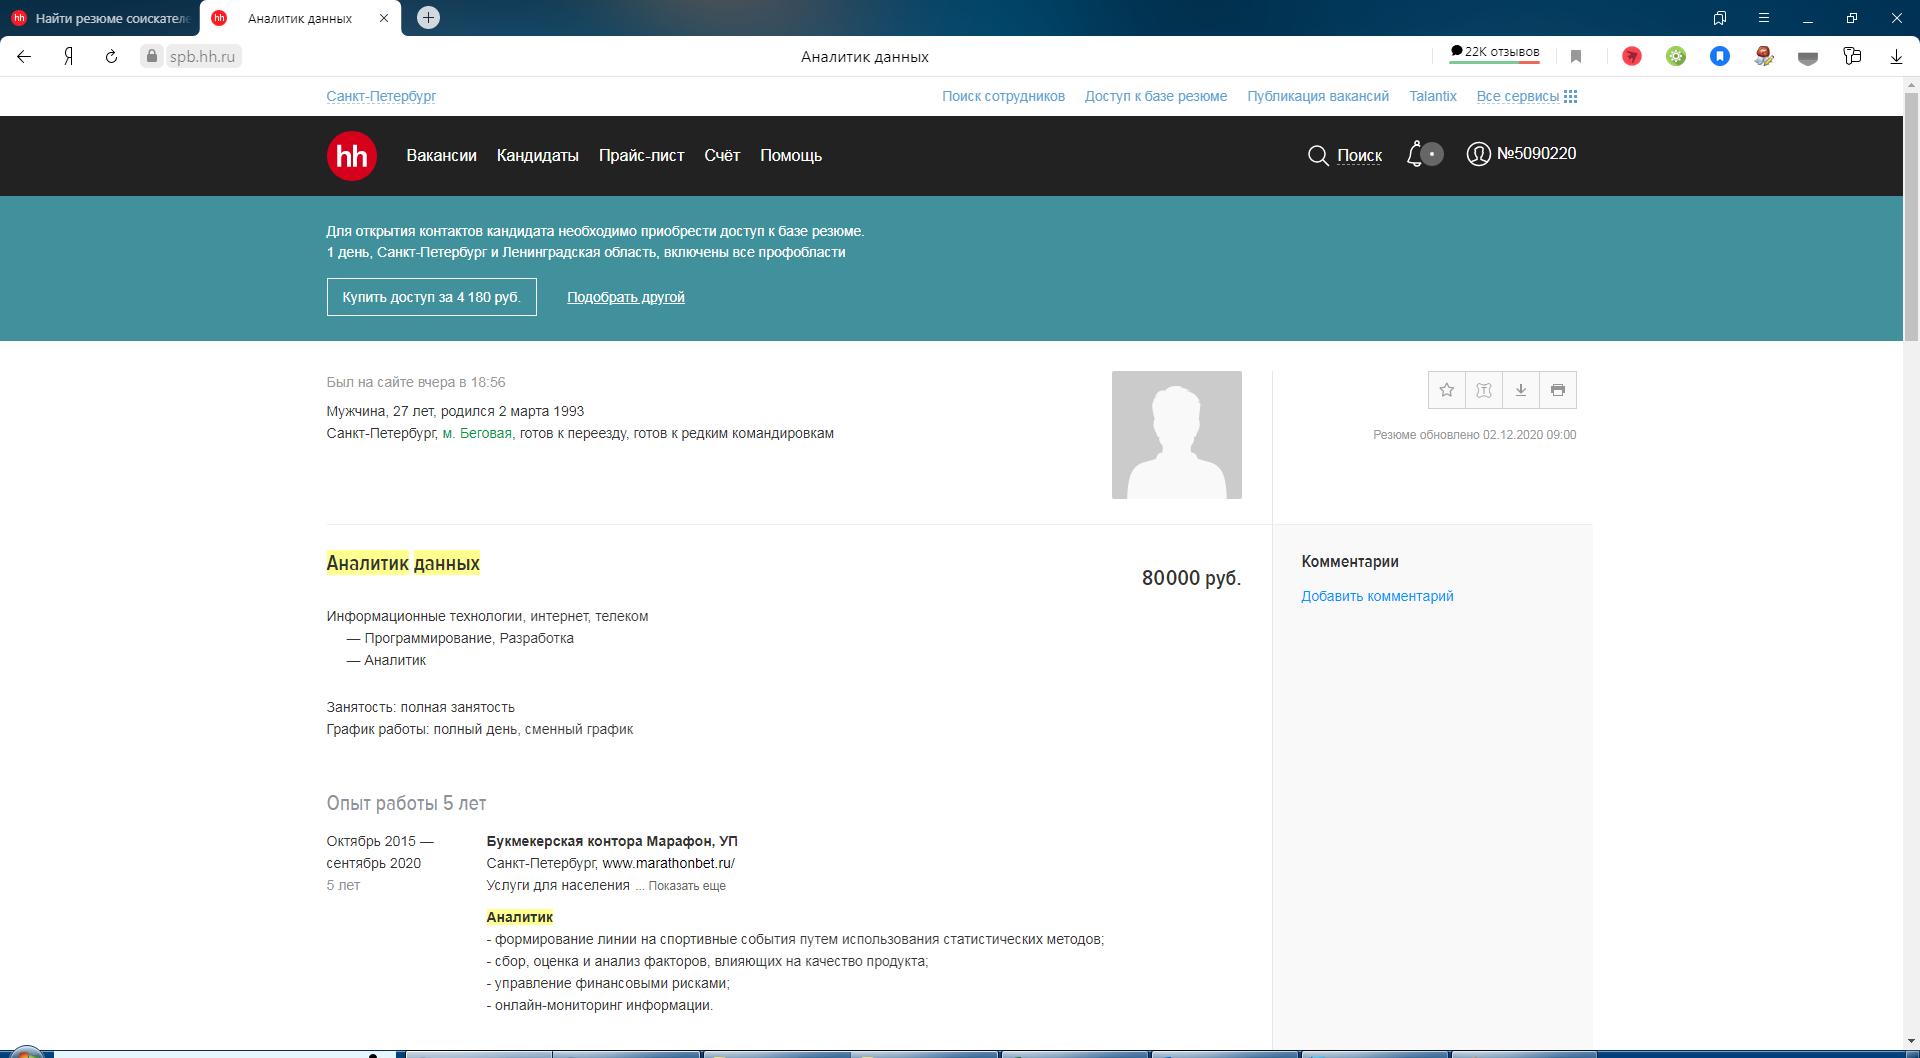 Просмотр резюме соискателя в информационном сервисе для поиска сотрудников hh.ru